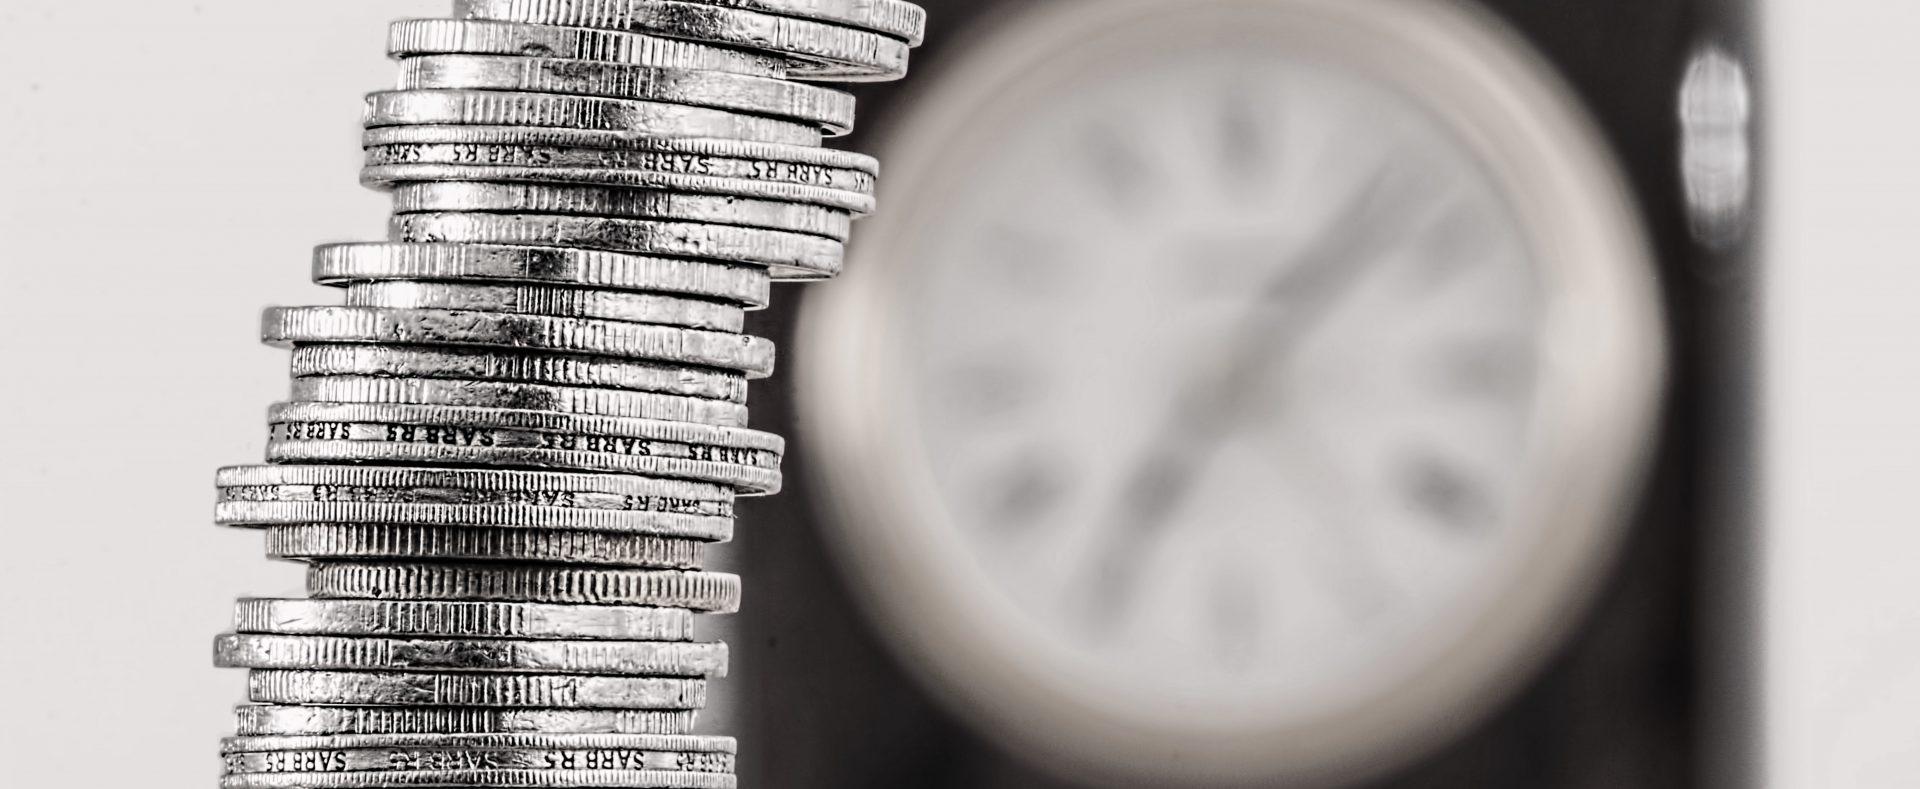 Sociofinancement pour mon entreprise : À savoir avant de se lancer…